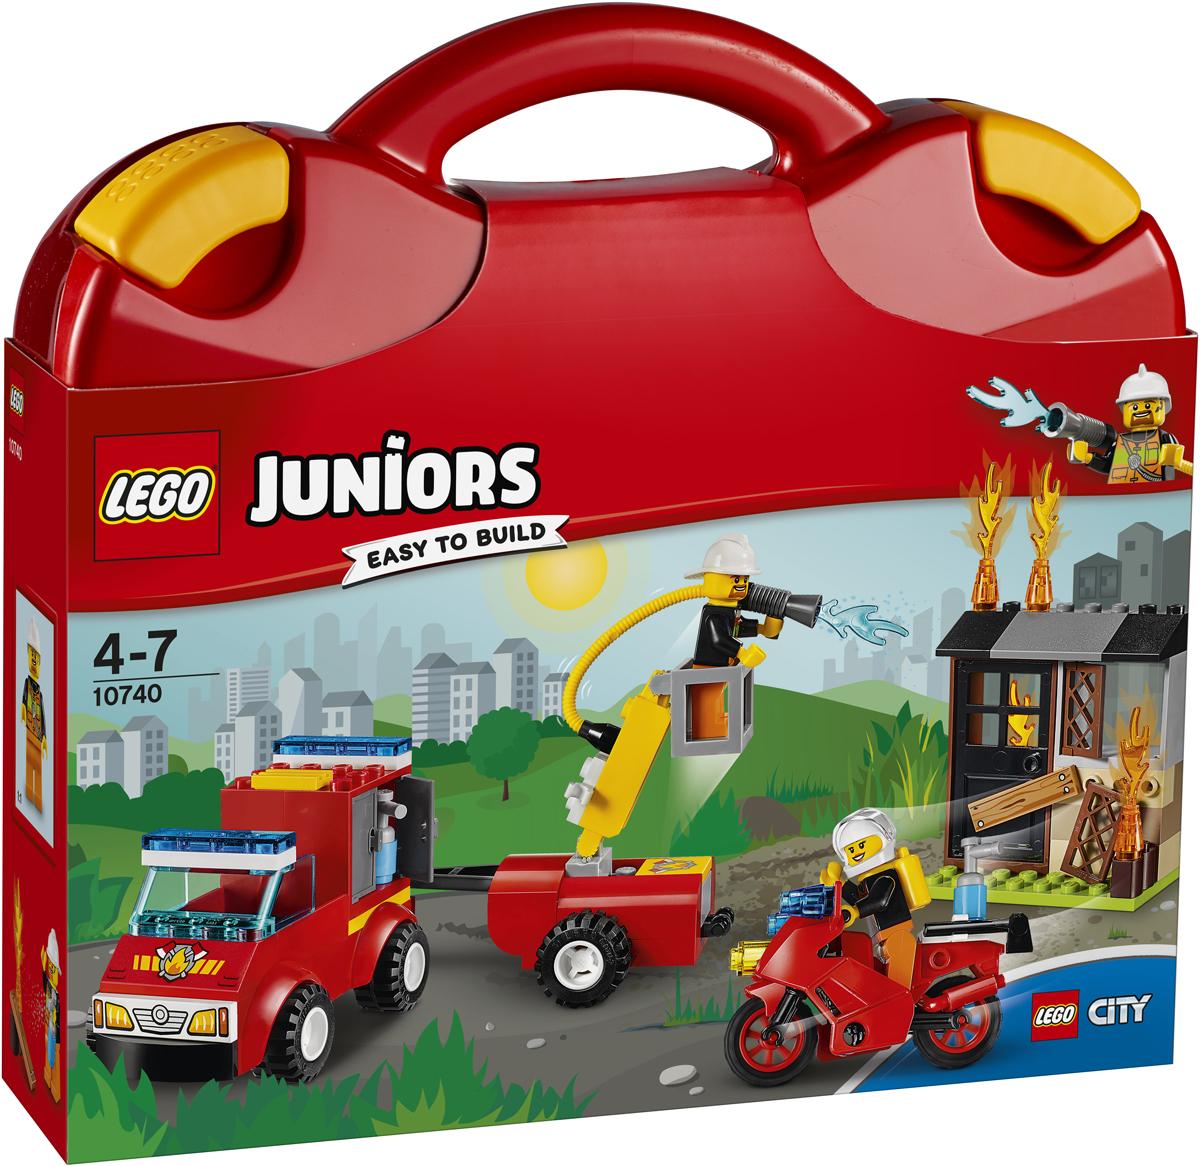 LEGO Juniors Конструктор Чемоданчик Пожарная команда 1074010740В заброшенном доме вспыхнул пожар! Вызывай пожарную команду и вместе с ними отправляйся на место происшествия в городе LEGO City на быстром пожарном пикапе и мотоцикле! Помоги доблестным пожарным забраться на крышу с помощью подъемника и потуши огонь огнетушителями. Но осторожно: пламя вырывается из всех дверей! С чемоданчиком LEGO Juniors приключения поджидают тебя за каждым поворотом.